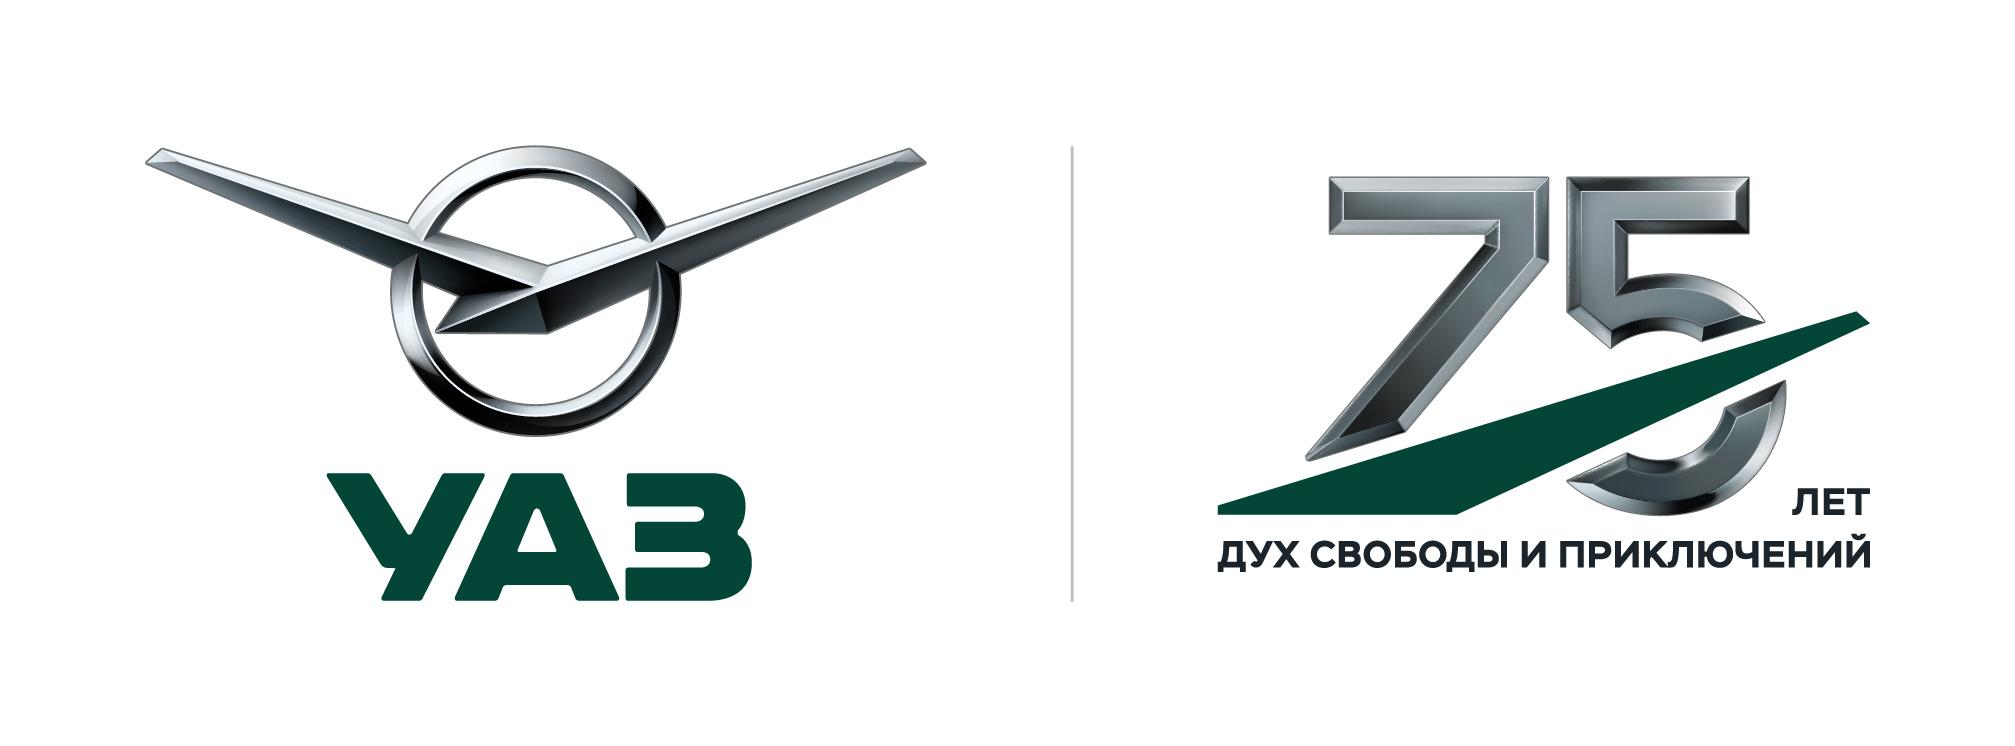 Ульяновский автомобильный завод отмечает 75-летний юбилей